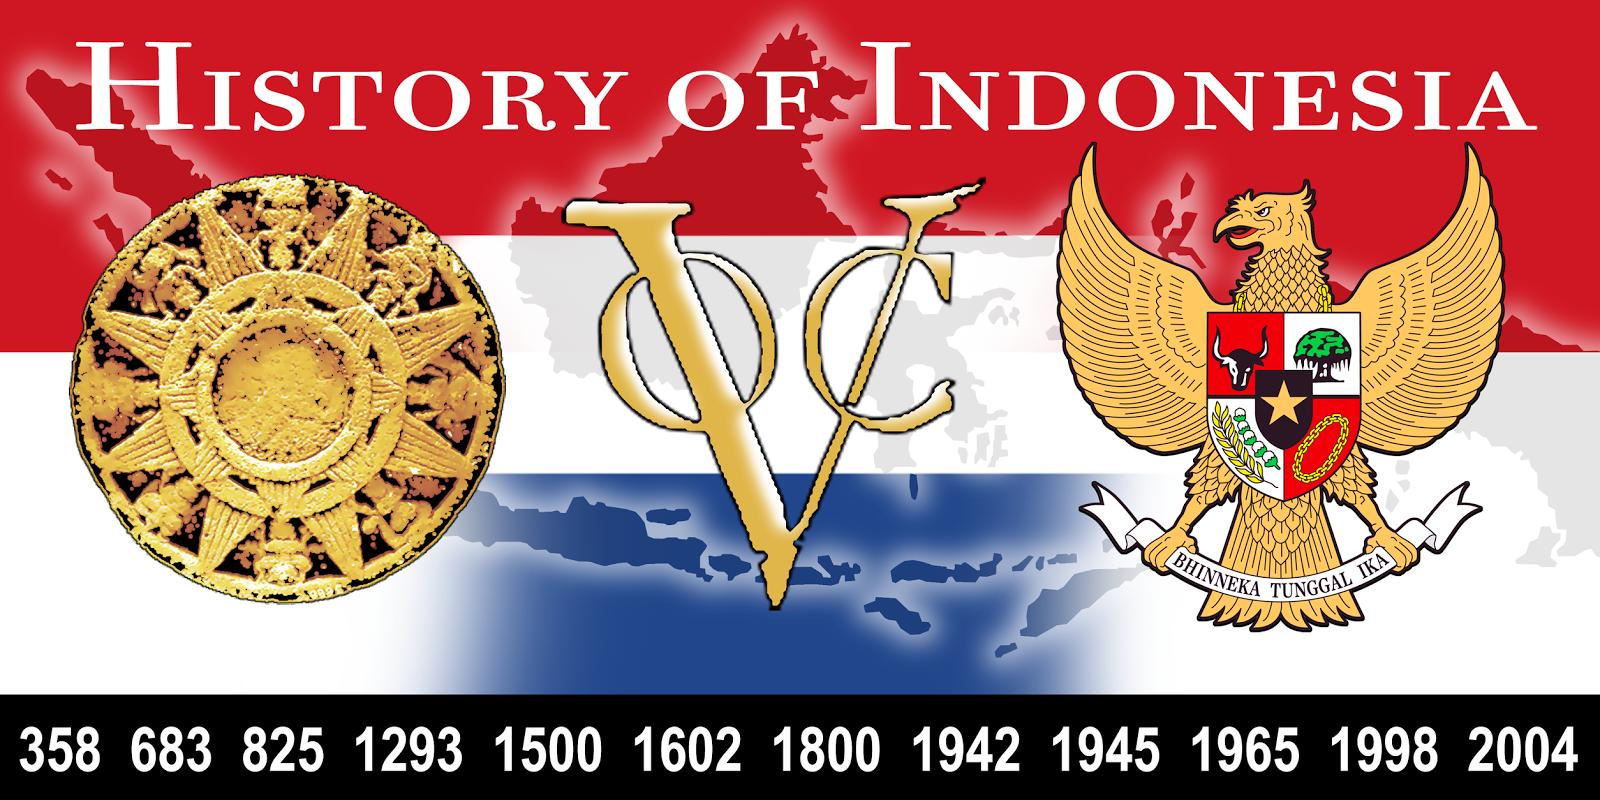 Sejarah Indonesia - Awal Mula Negara Indonesia